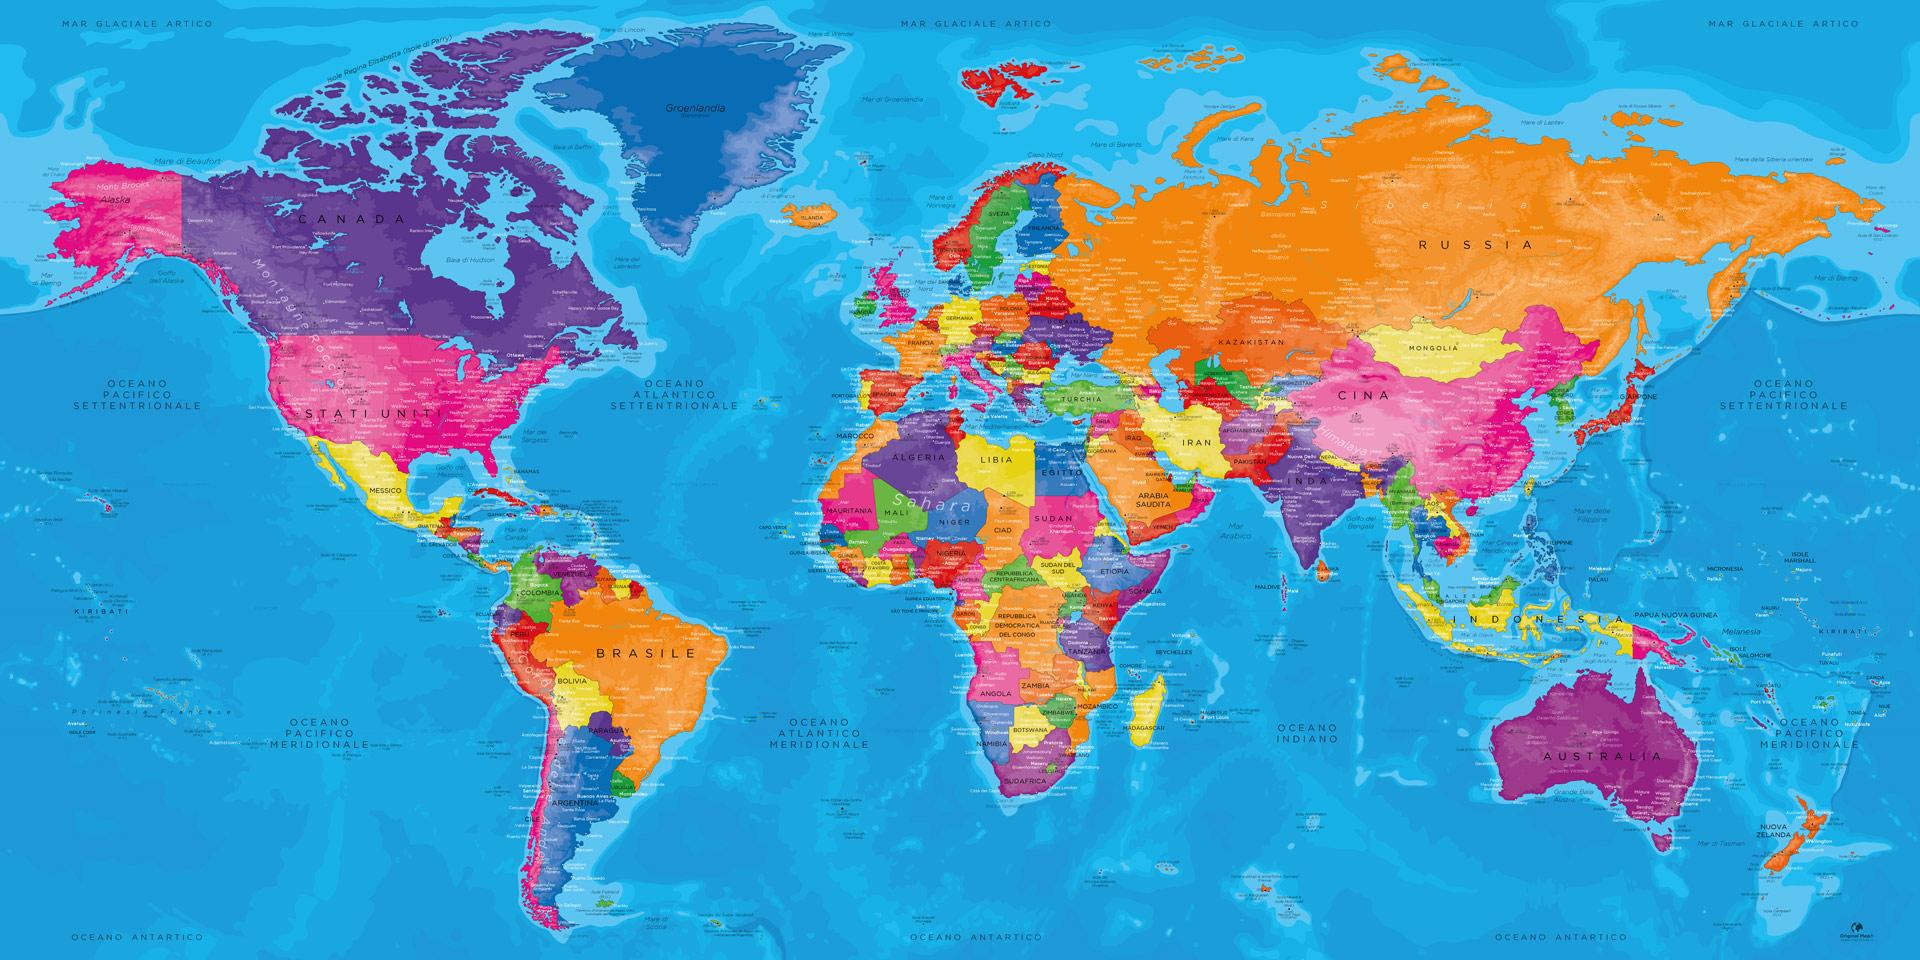 Cartina Mondo Immagini.Mappamondo Su Tavola Mappa Del Mondo Mappa Mondiale